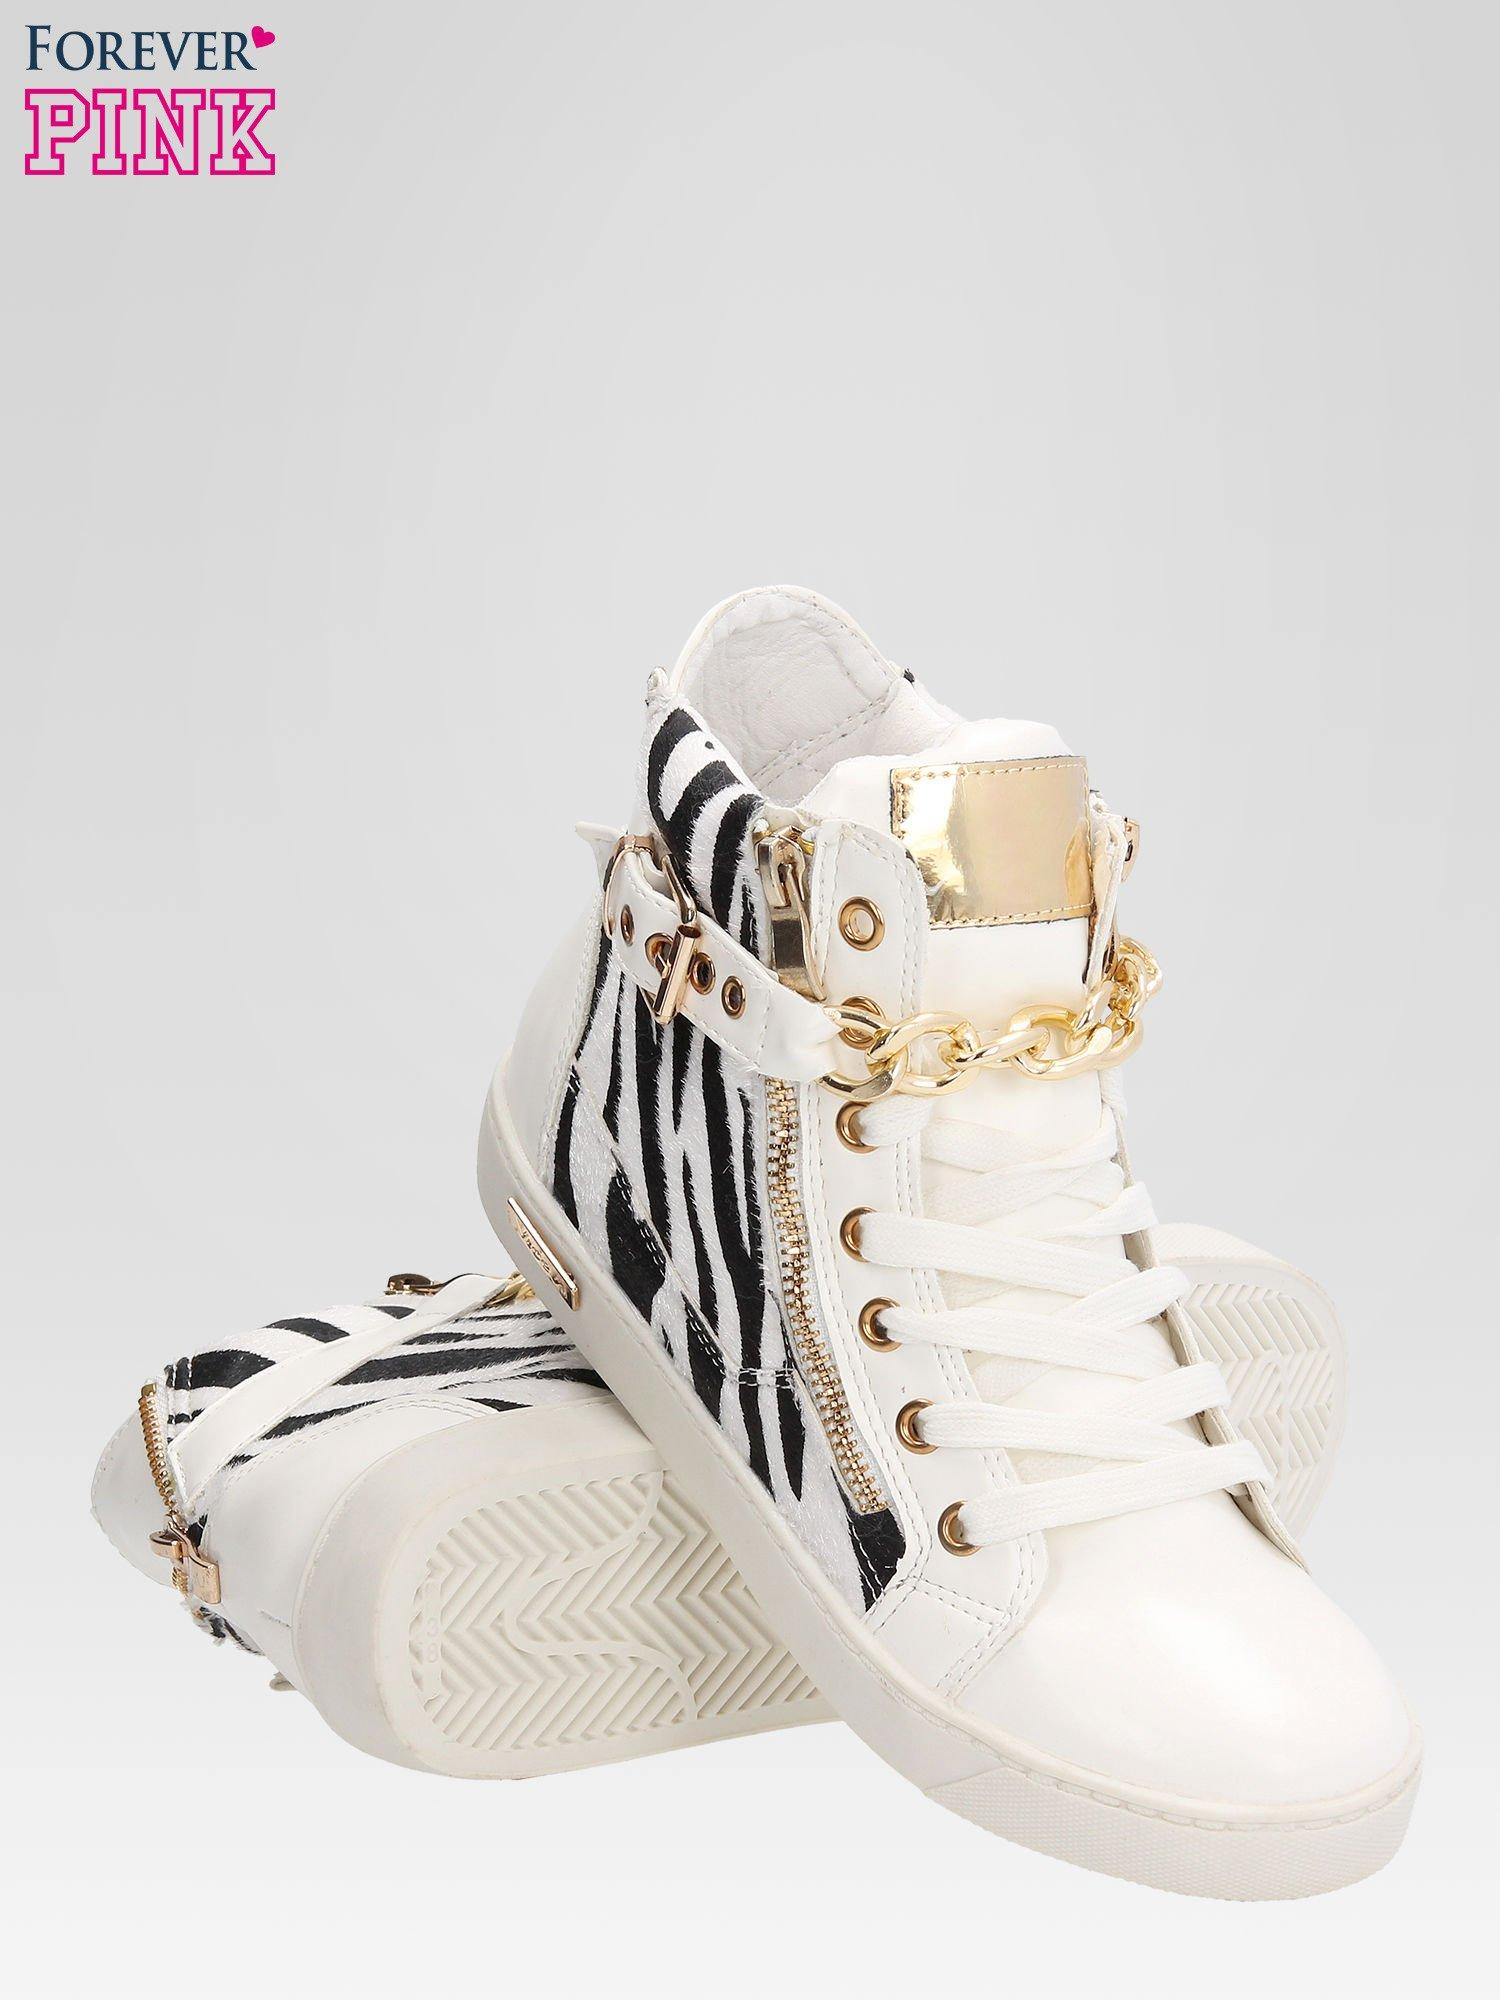 Białe sneakersy damskie z motywem zebry                                  zdj.                                  4